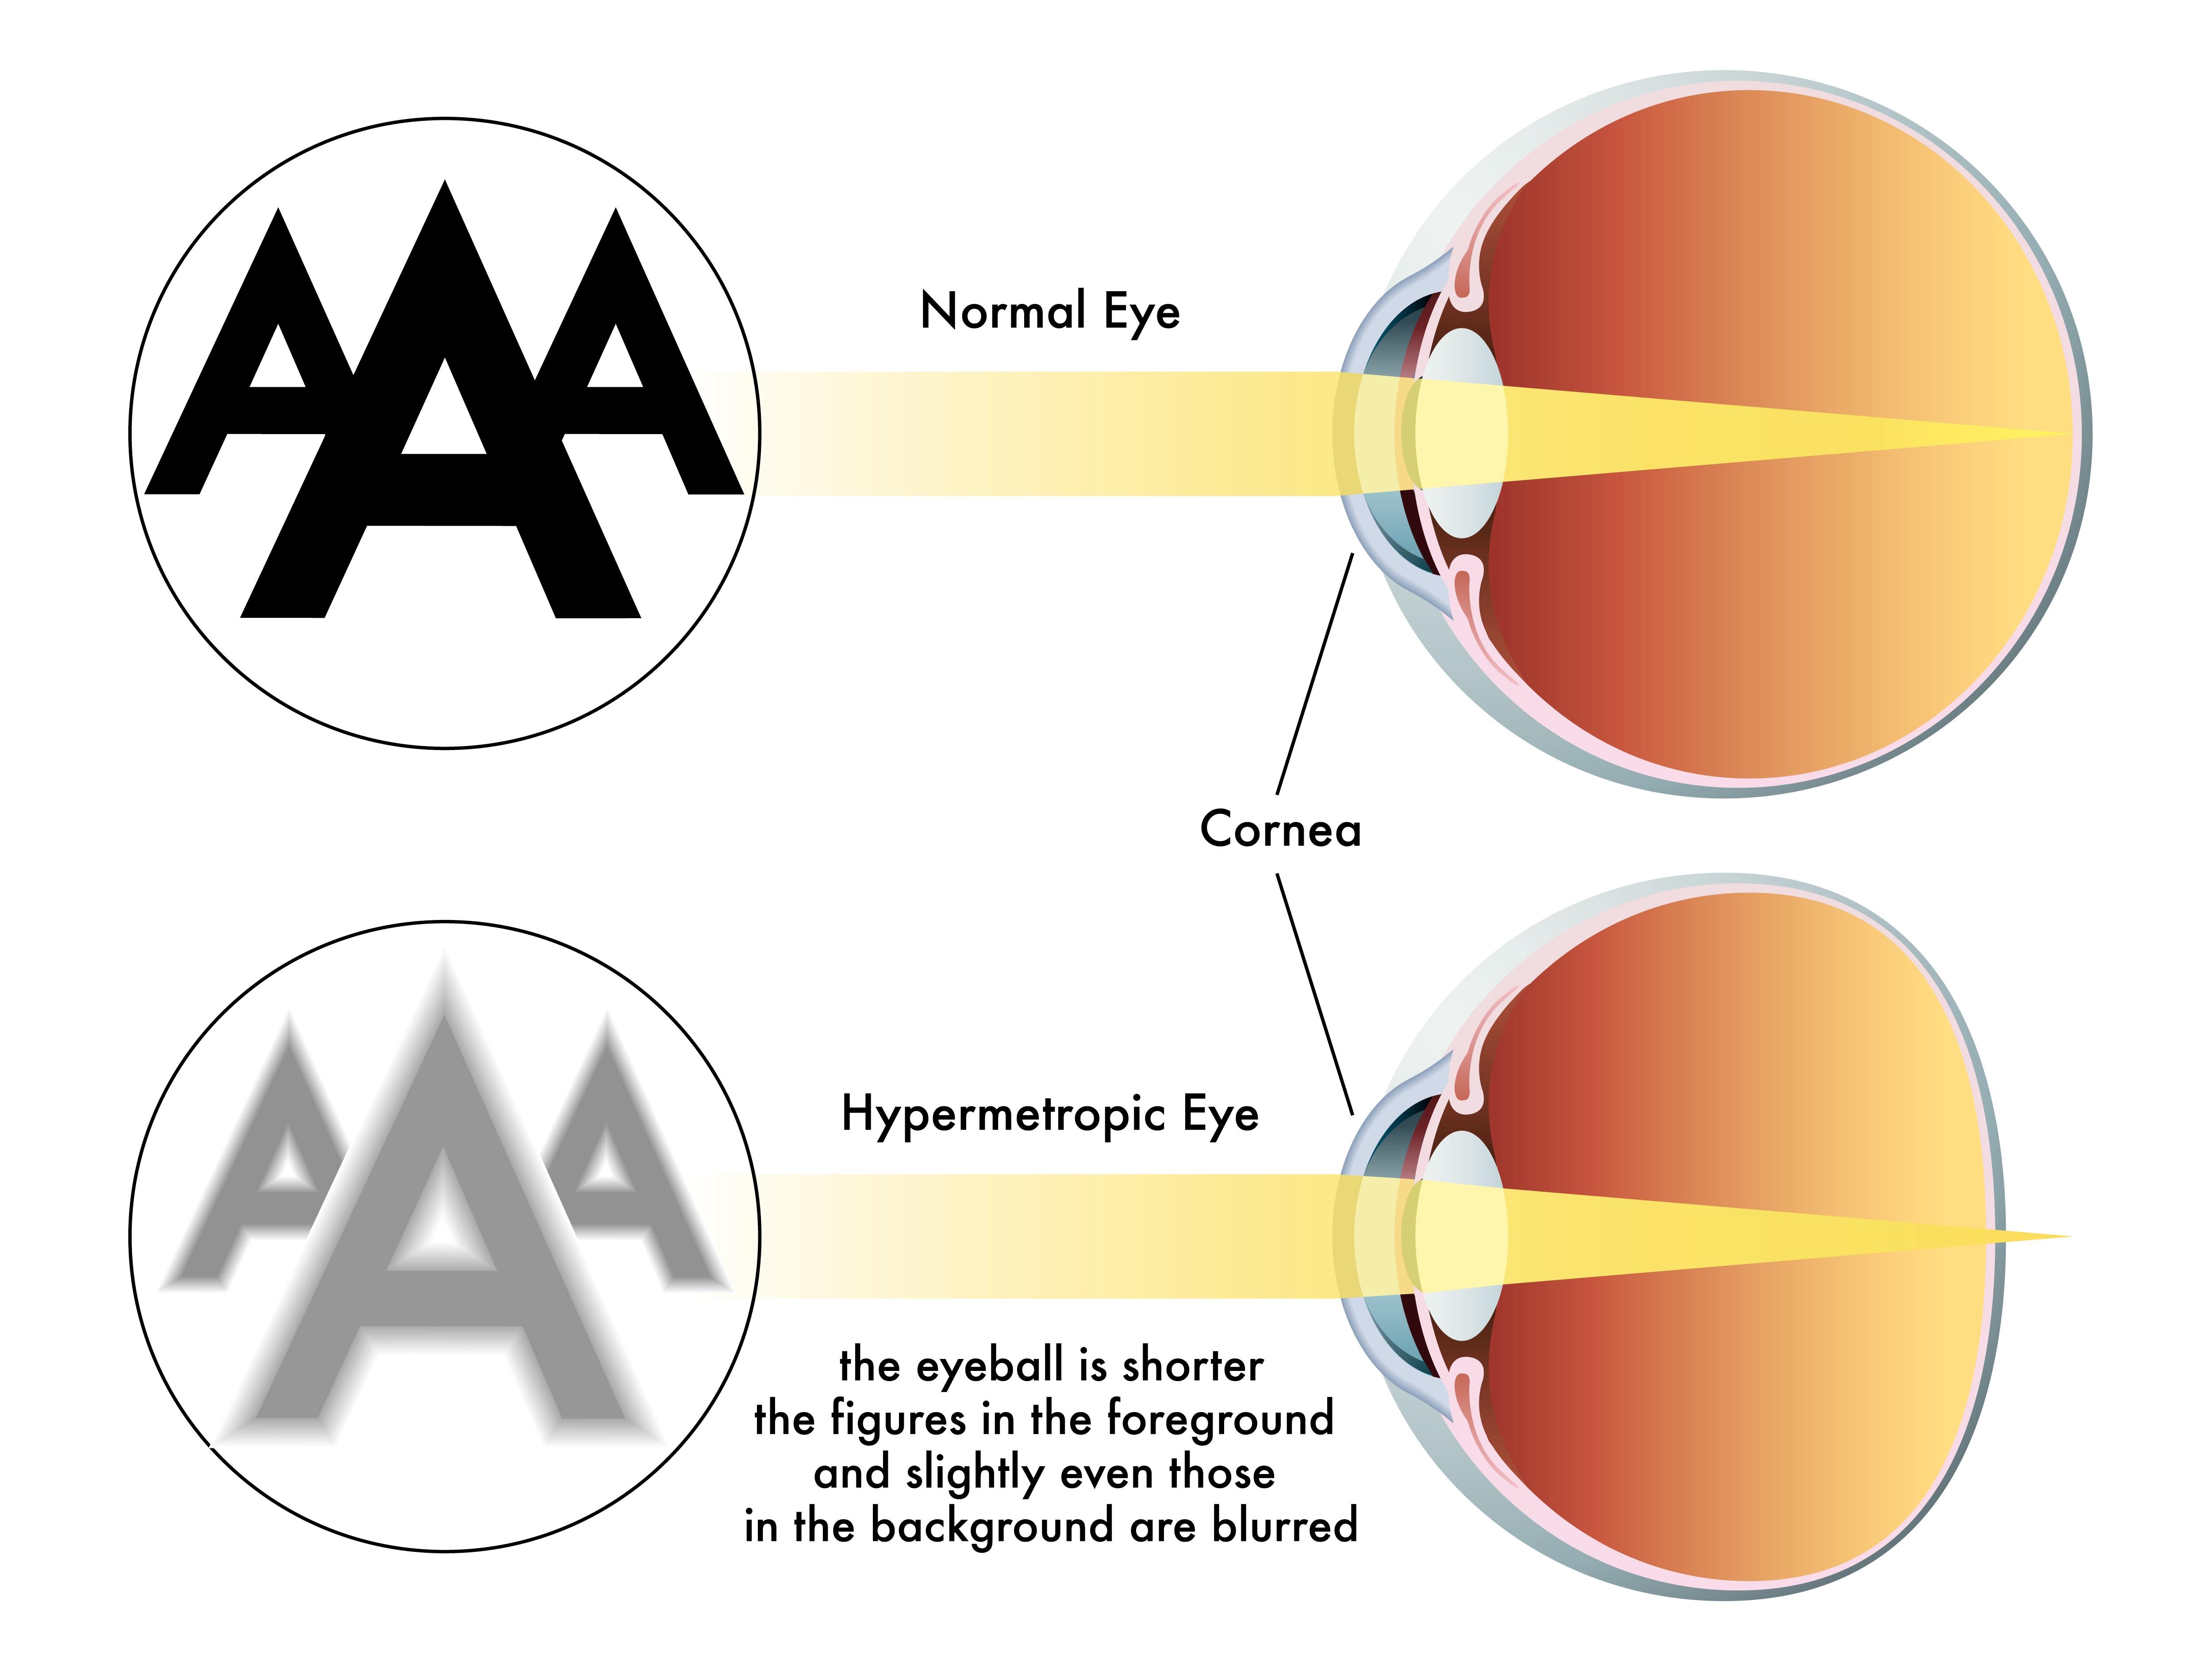 cum să-ți știi vederea acasă gimnastica oculară hipermetropie legată de vârstă